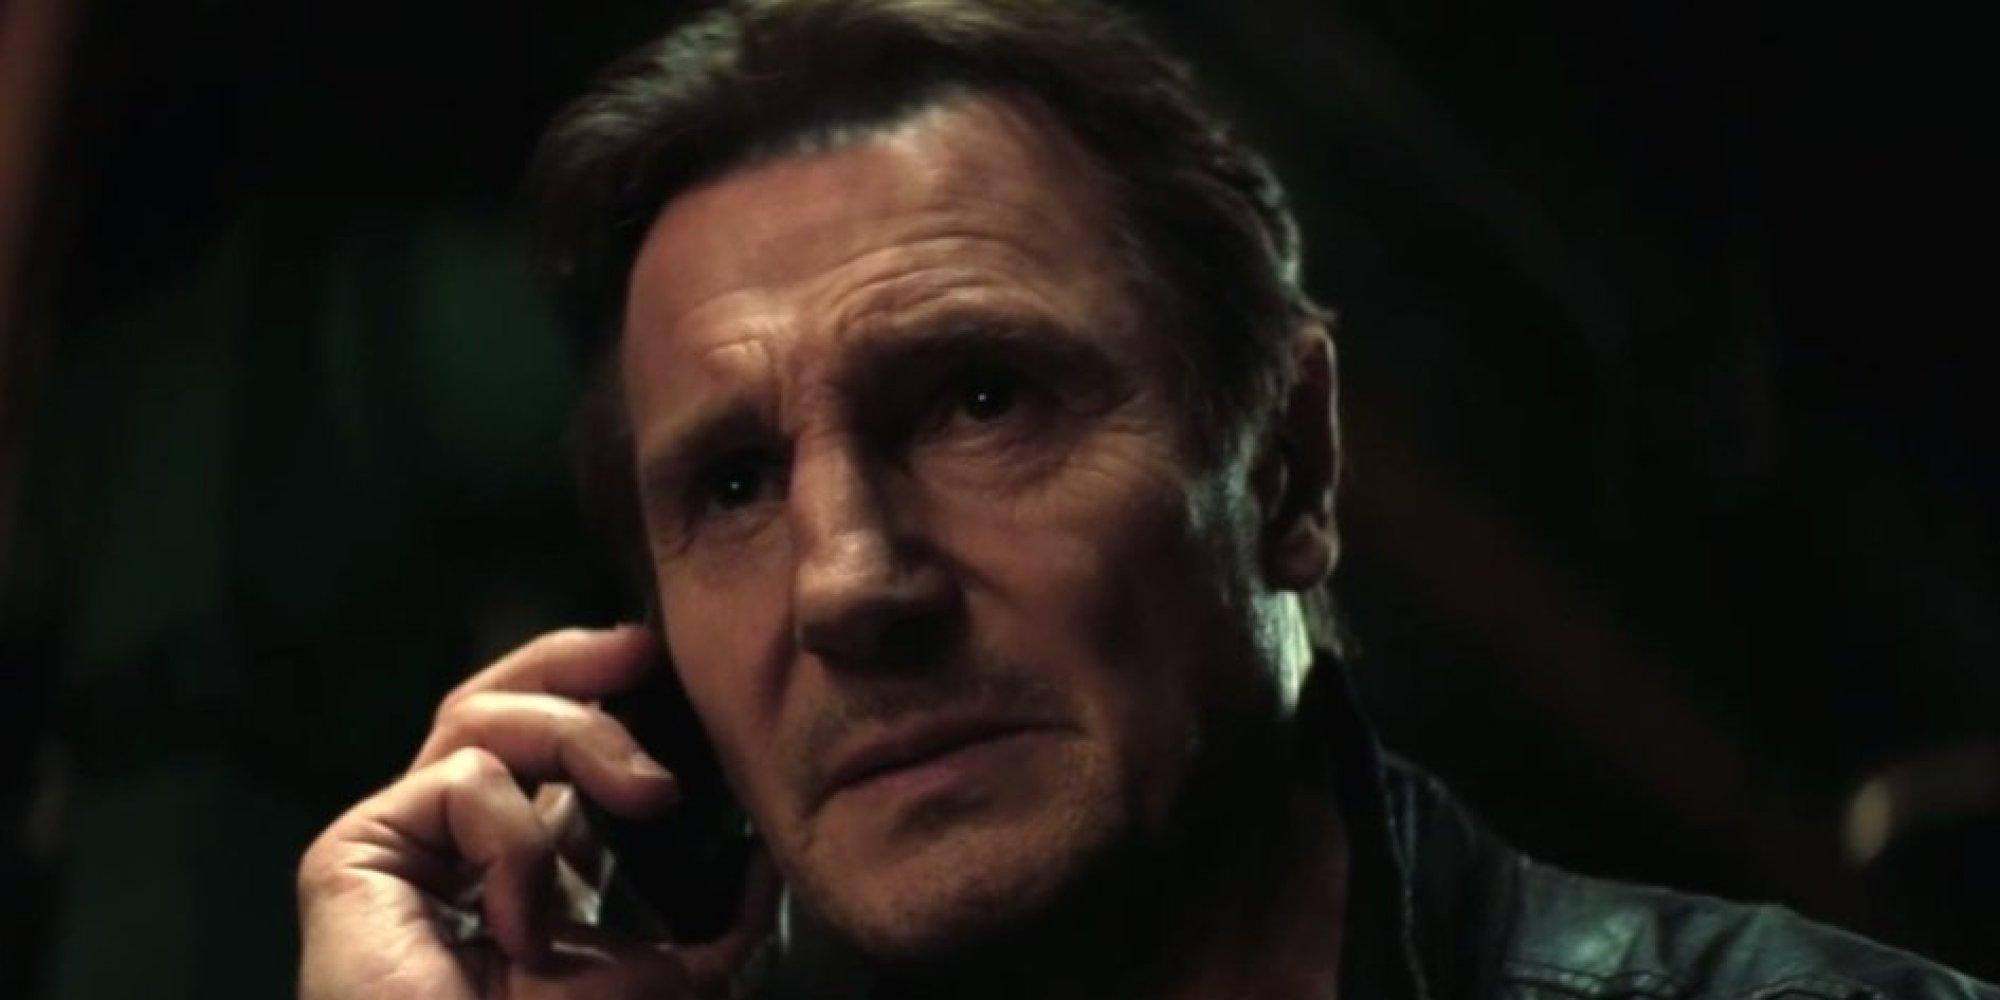 Aktori i paraqiti shqiptarët si kriminelë por ja si i kundërpërgjigjen ata